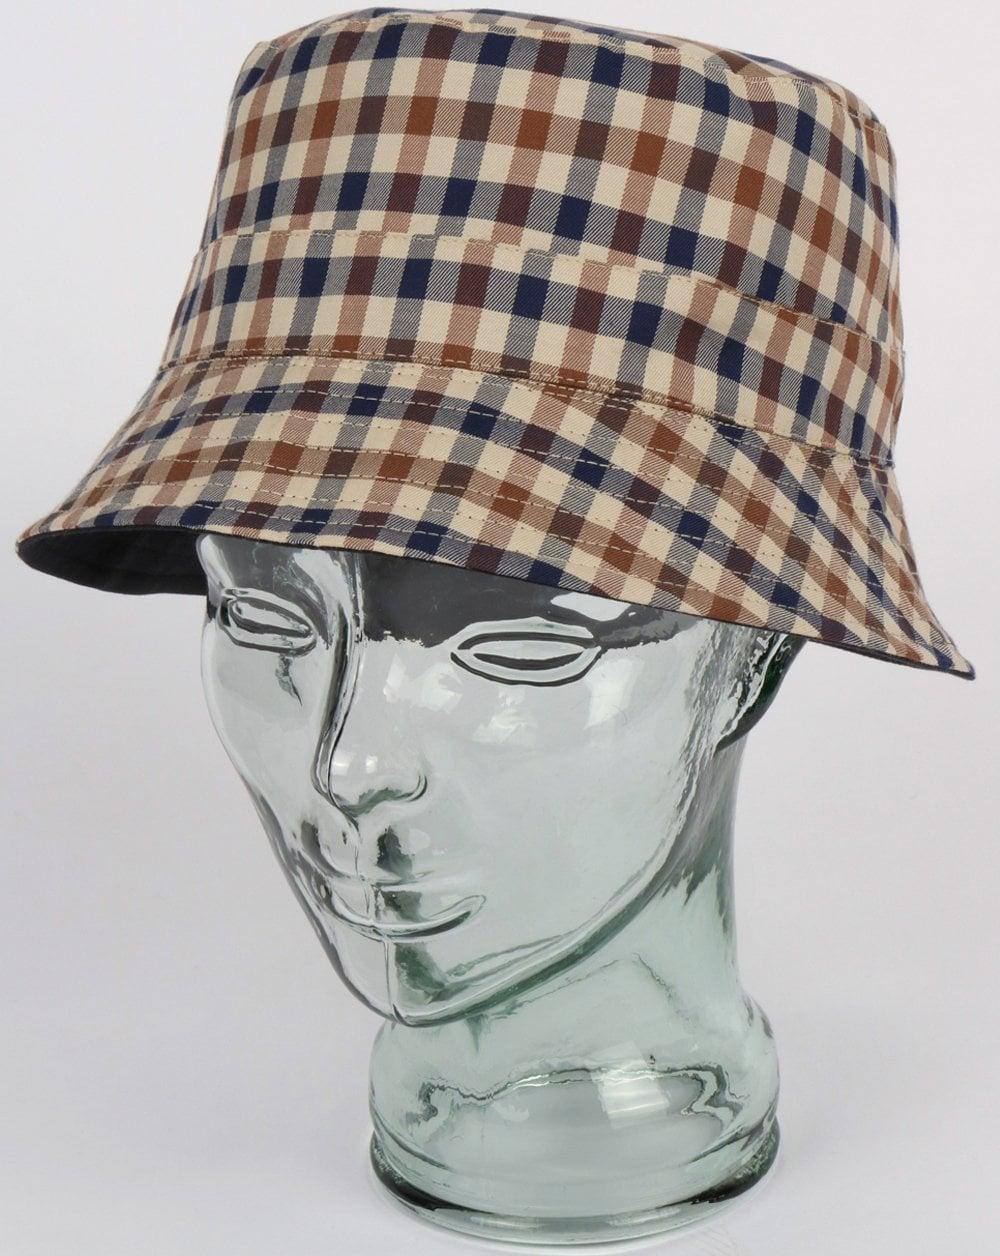 6a5204f9 Aquascutum Reversible Bucket Hat Navy | 80s casual classics